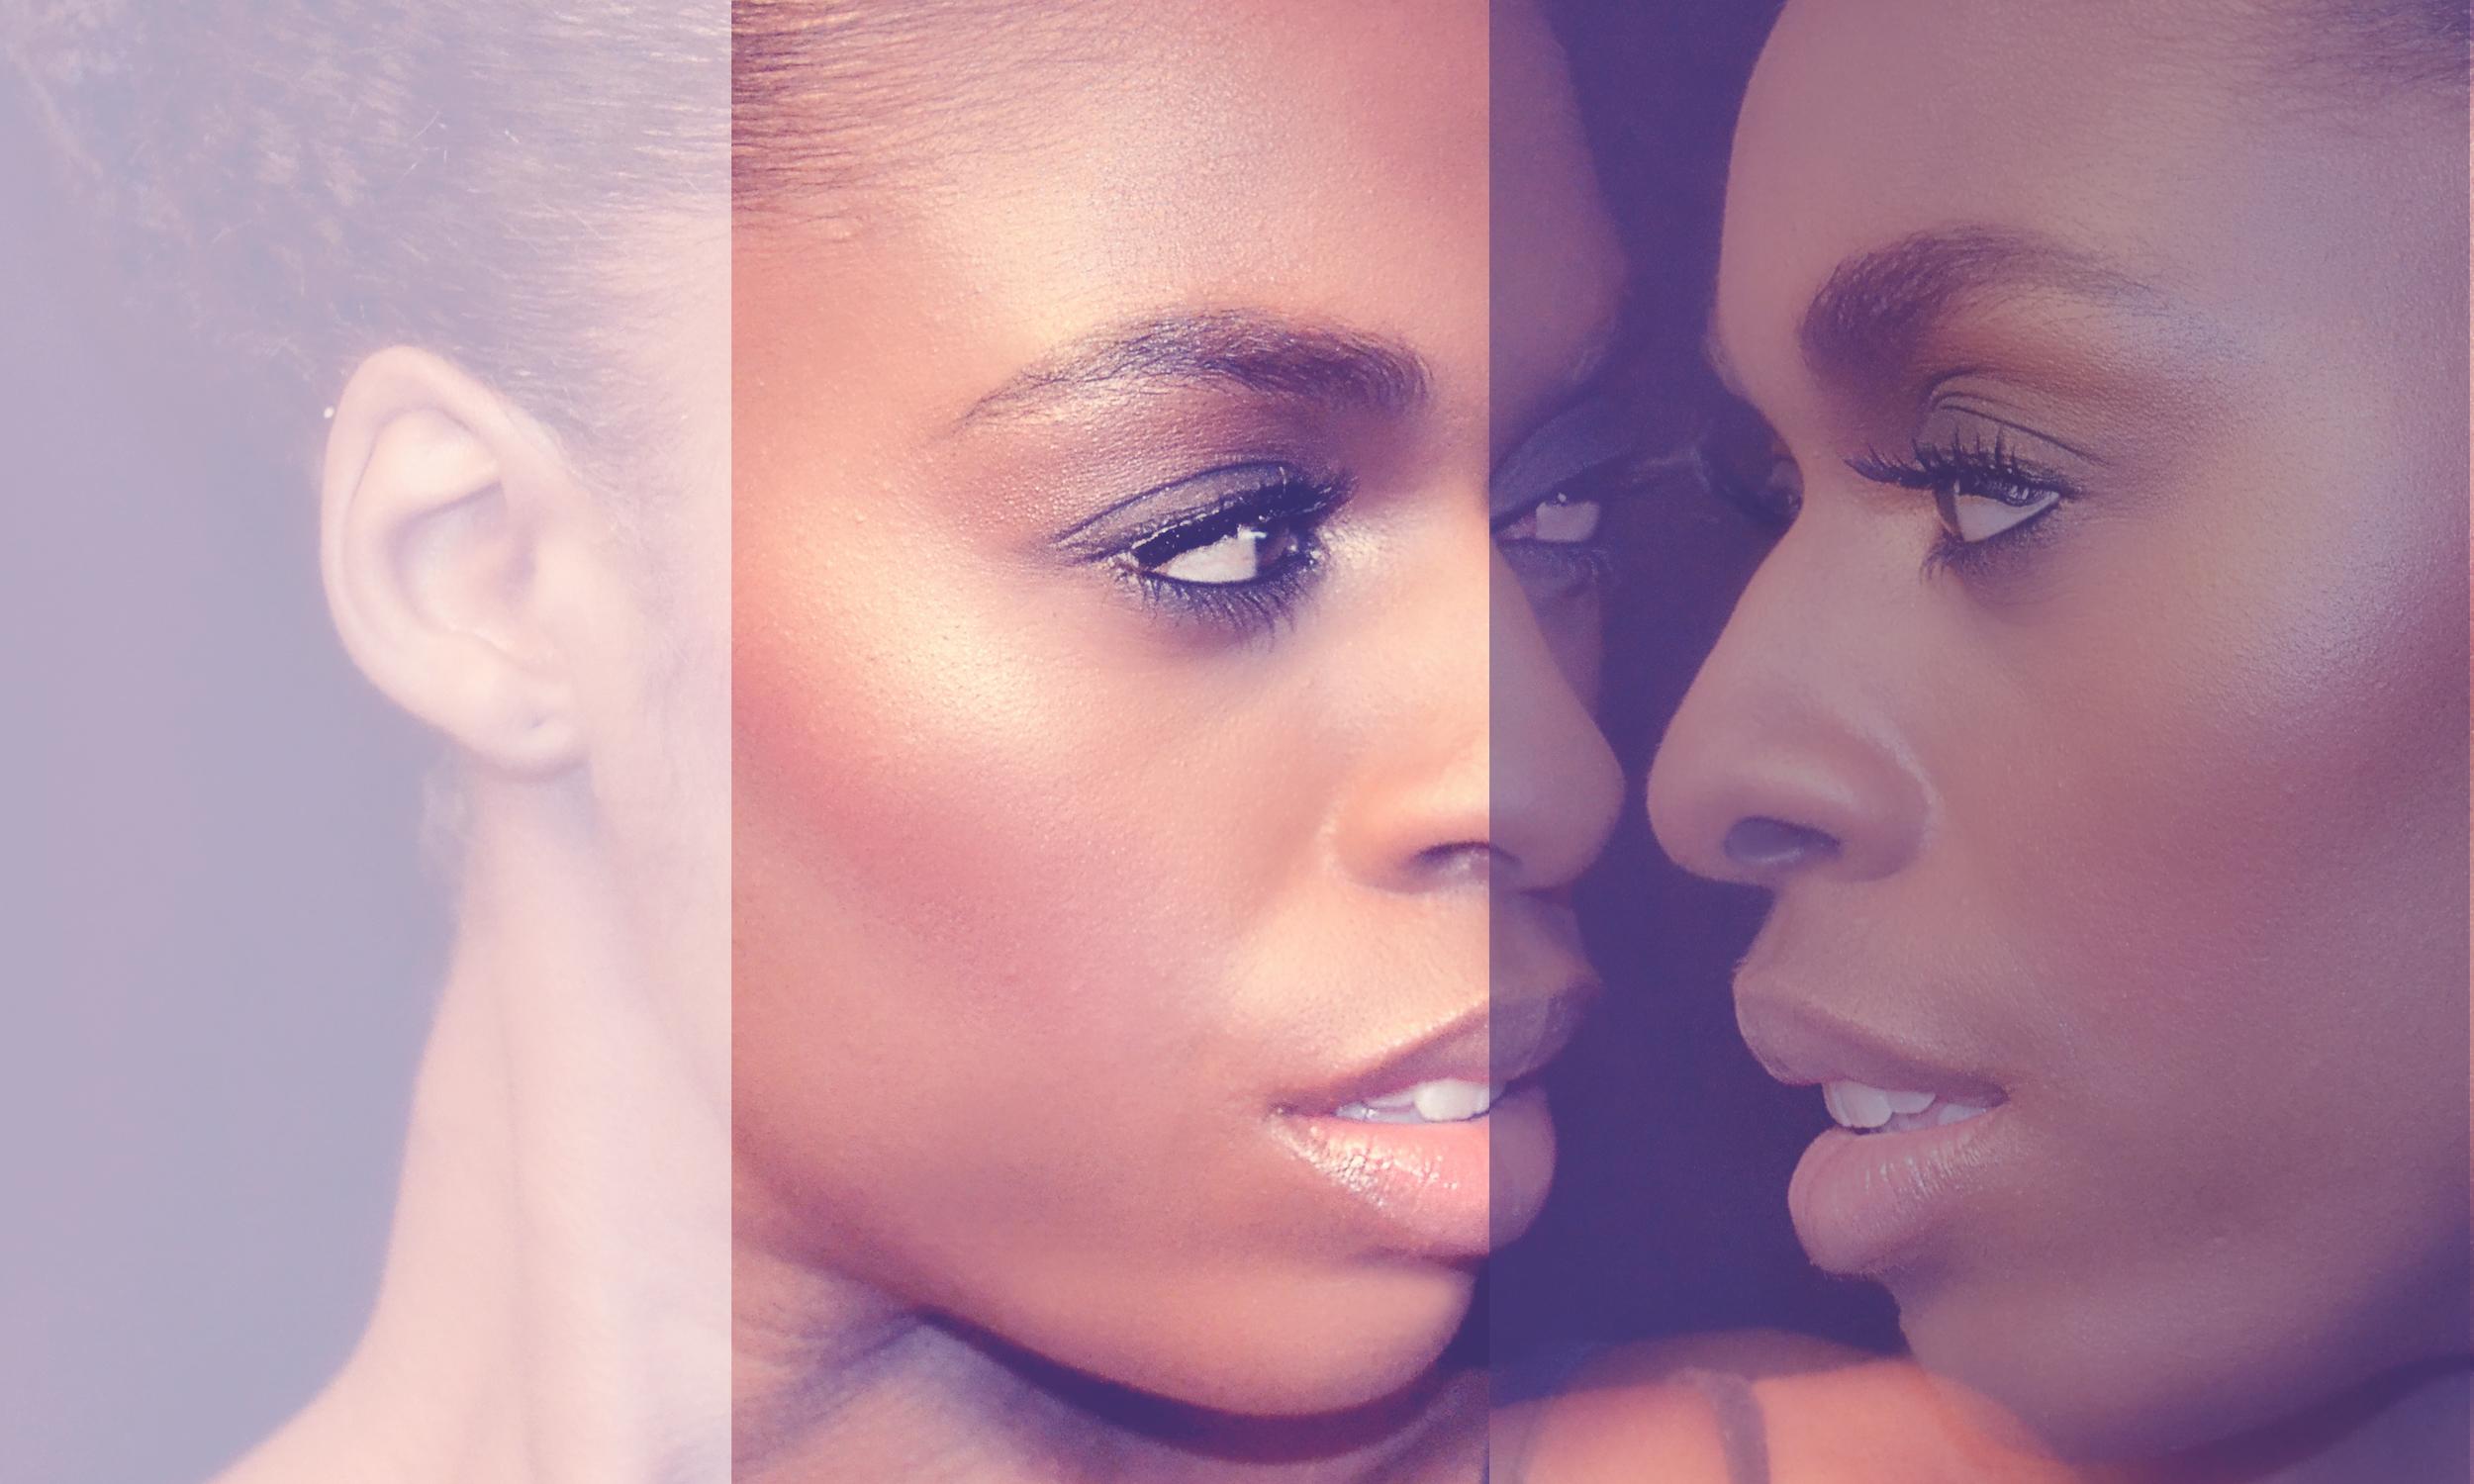 Tymia Yvette Makeup Artist | Fashion Photoshoot | Baltimore